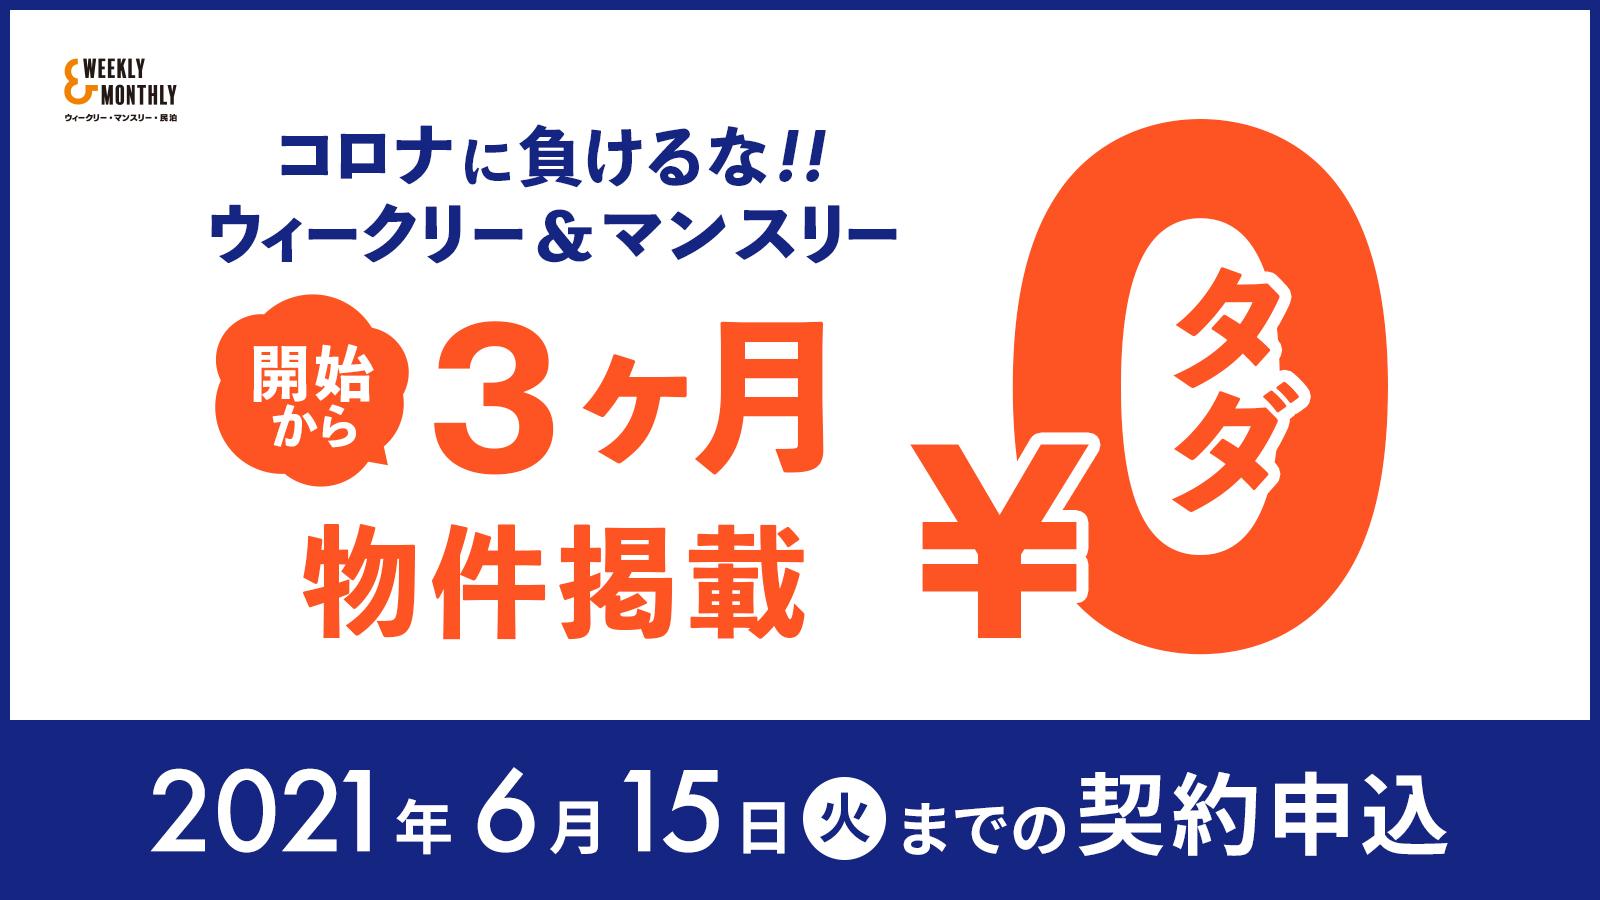 【PR】3ヶ月無料で掲載【コロナに負けるな!ウィークリー&マンスリー応援キャンペーン】を本日より開始